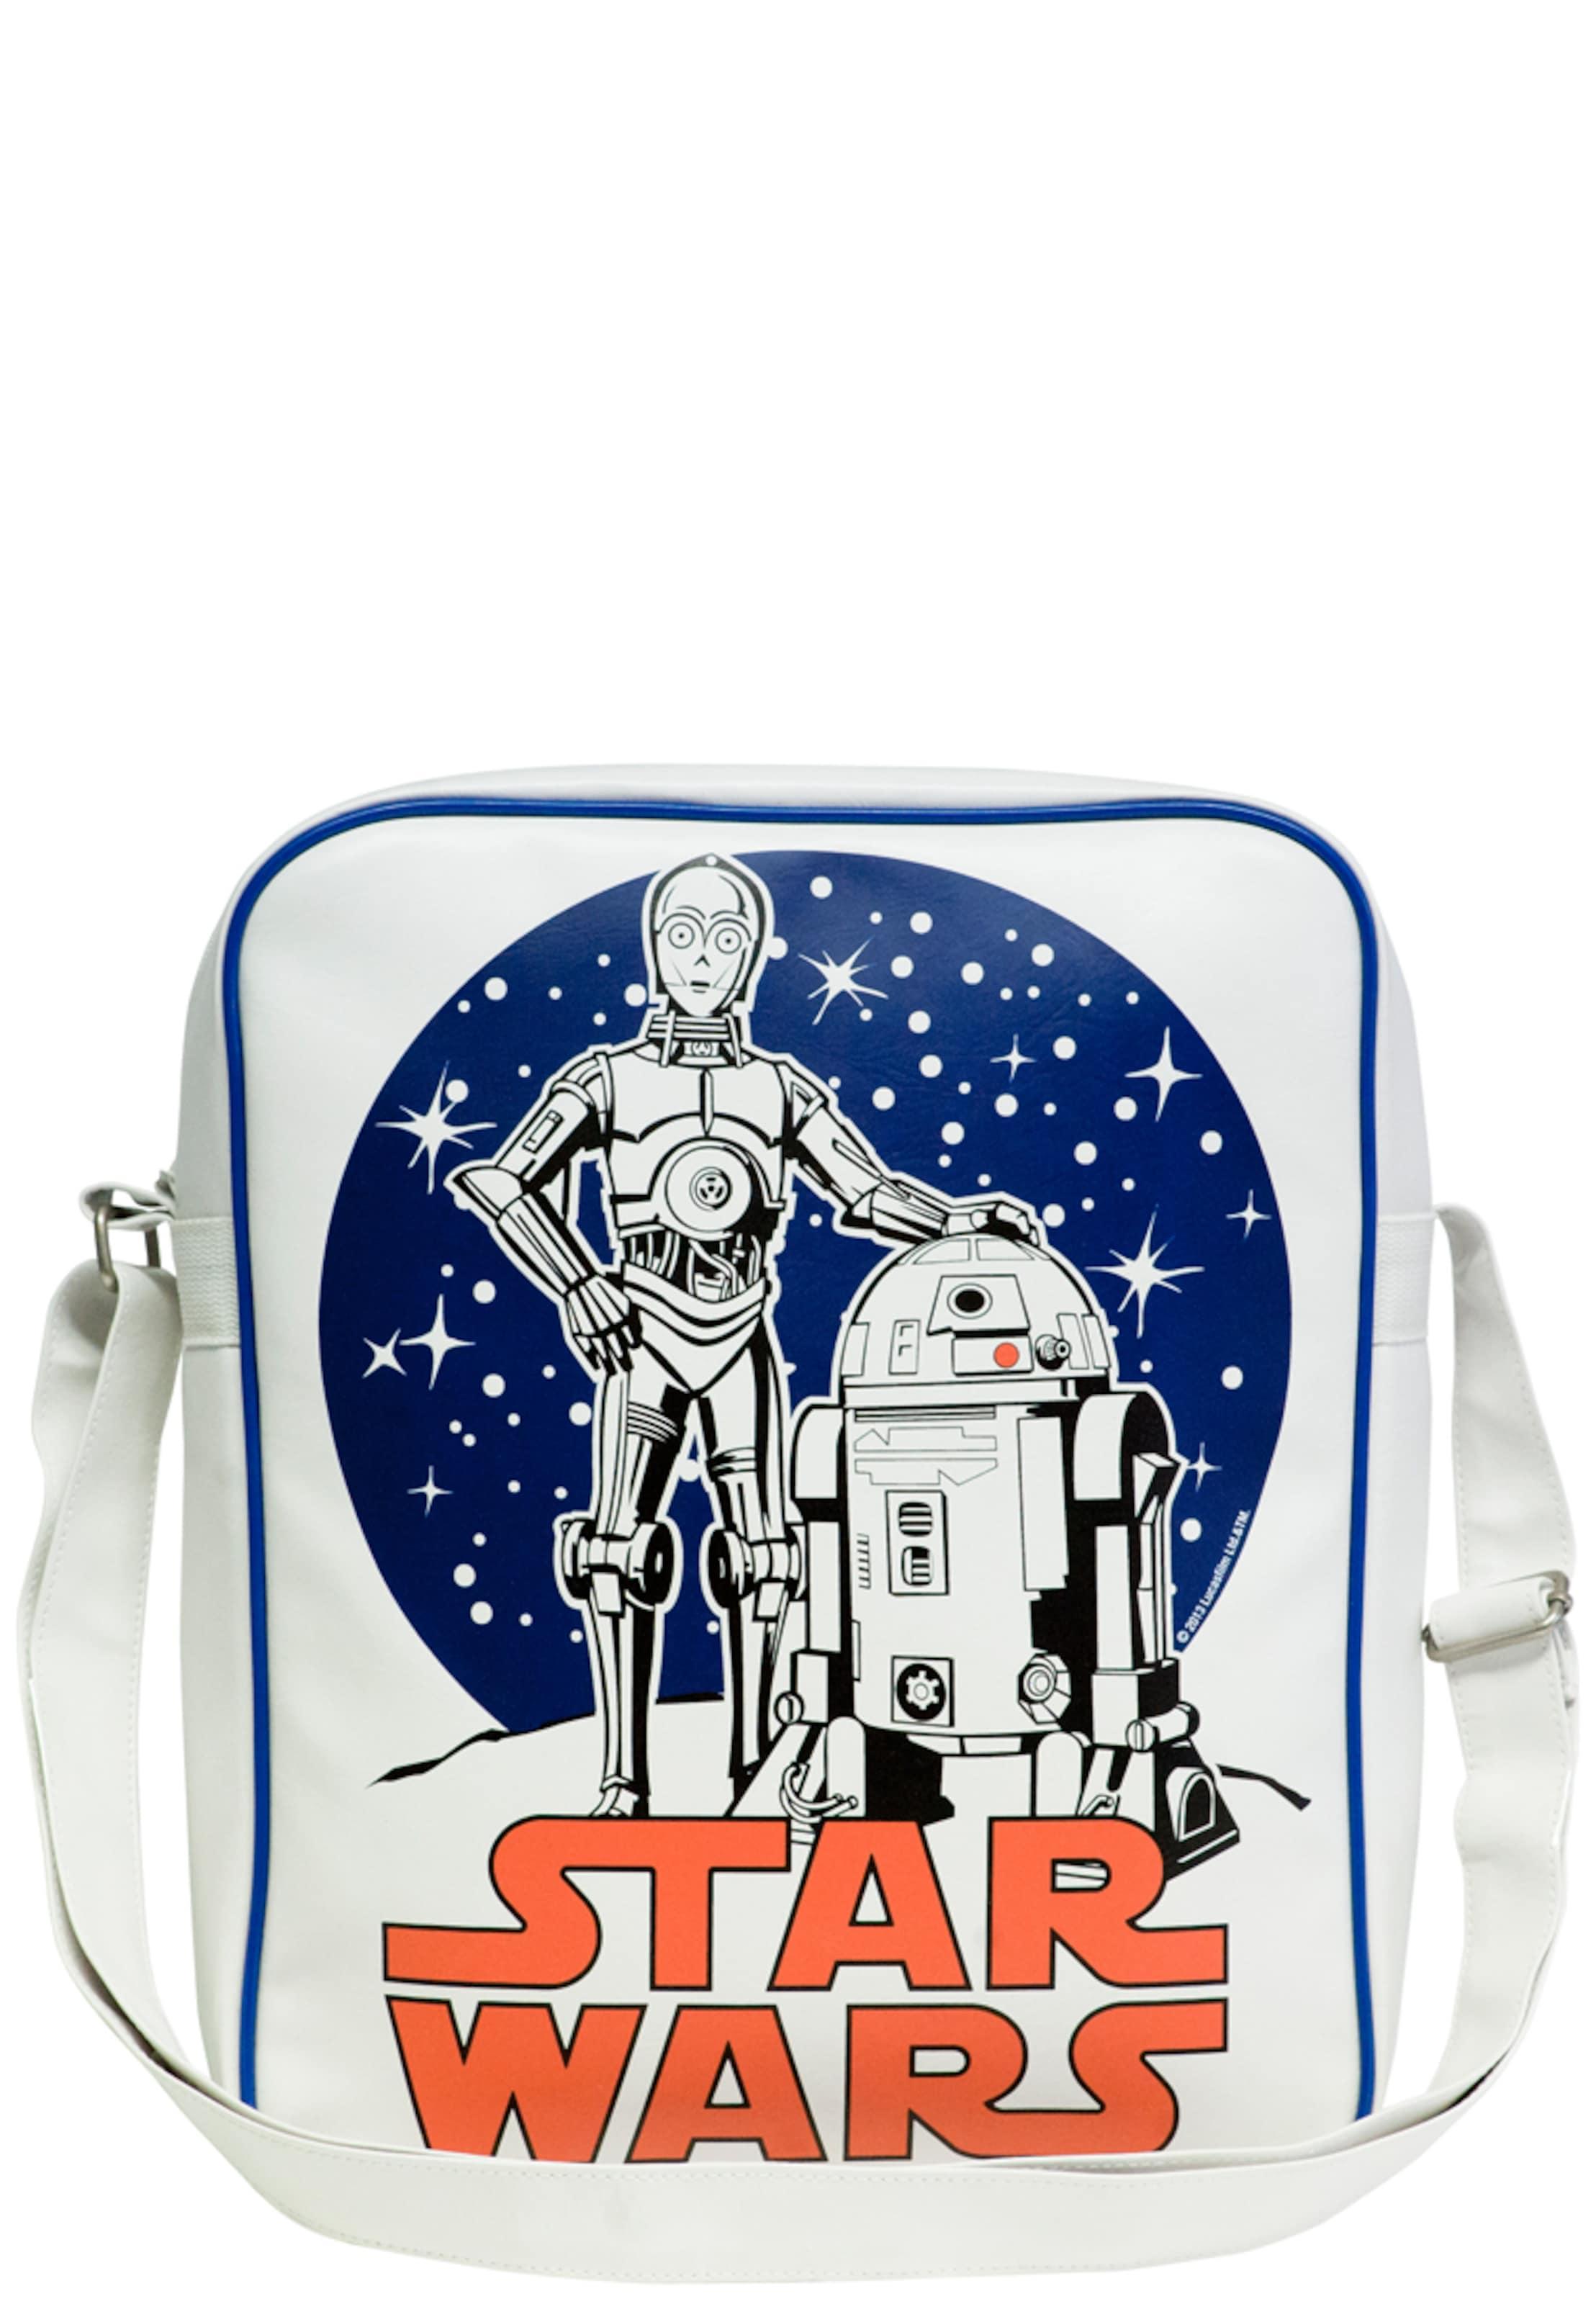 Günstig Kaufen Preise LOGOSHIRT Tasche 'Krieg der Sterne - C-3PO R2-D2' Suche Nach Online N8KV4cNK